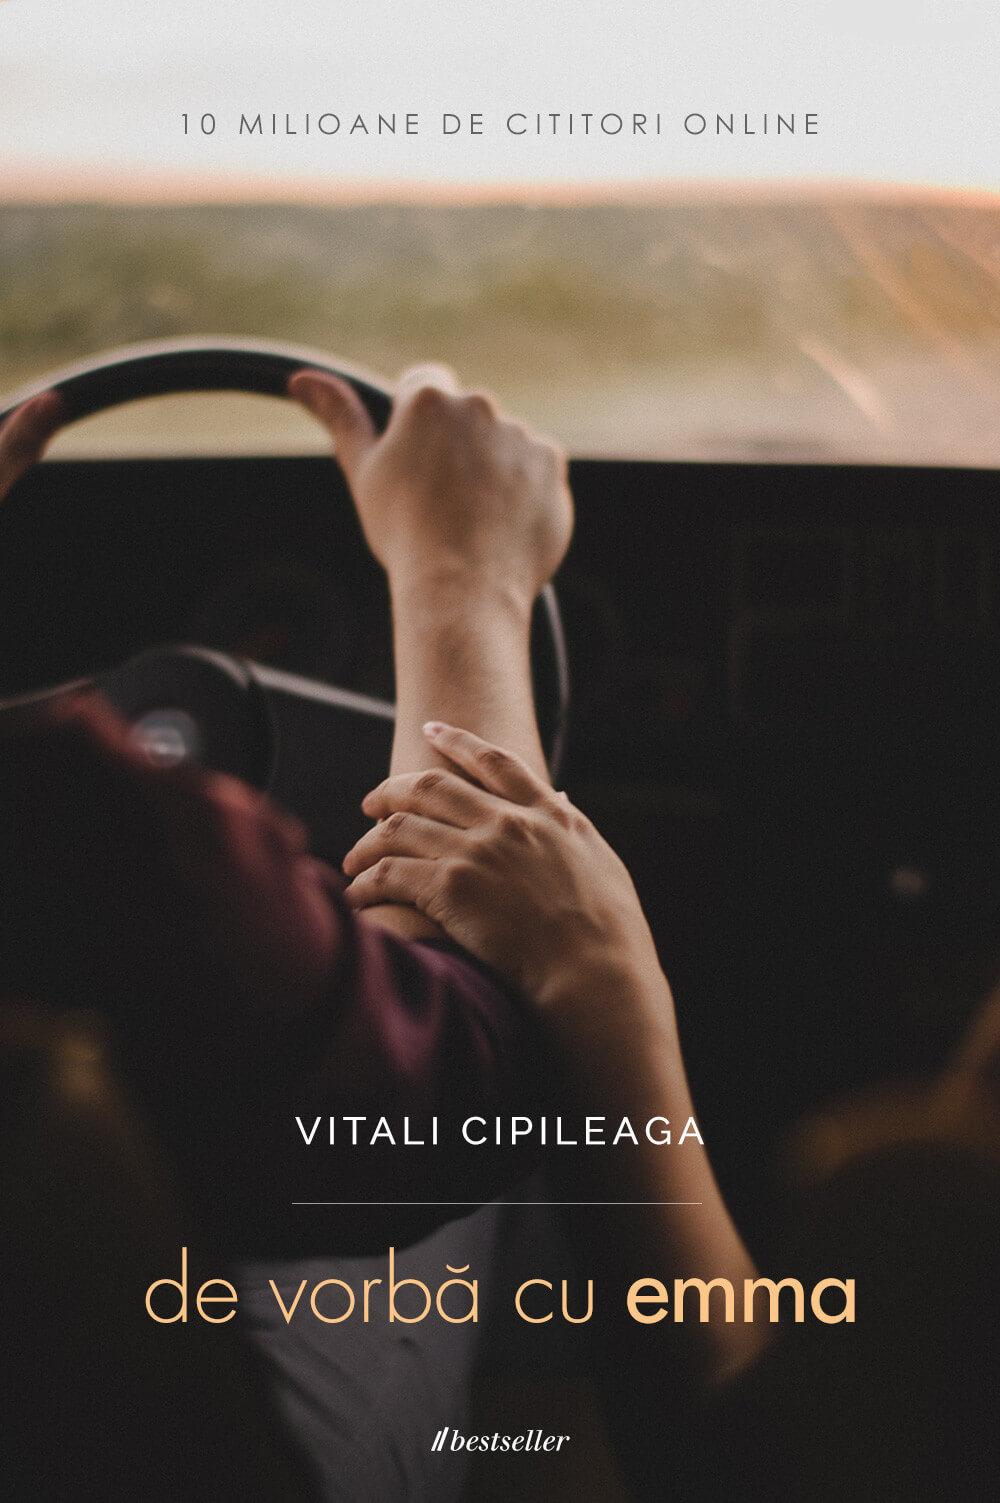 De vorba cu Emma de Vitali Cipileaga